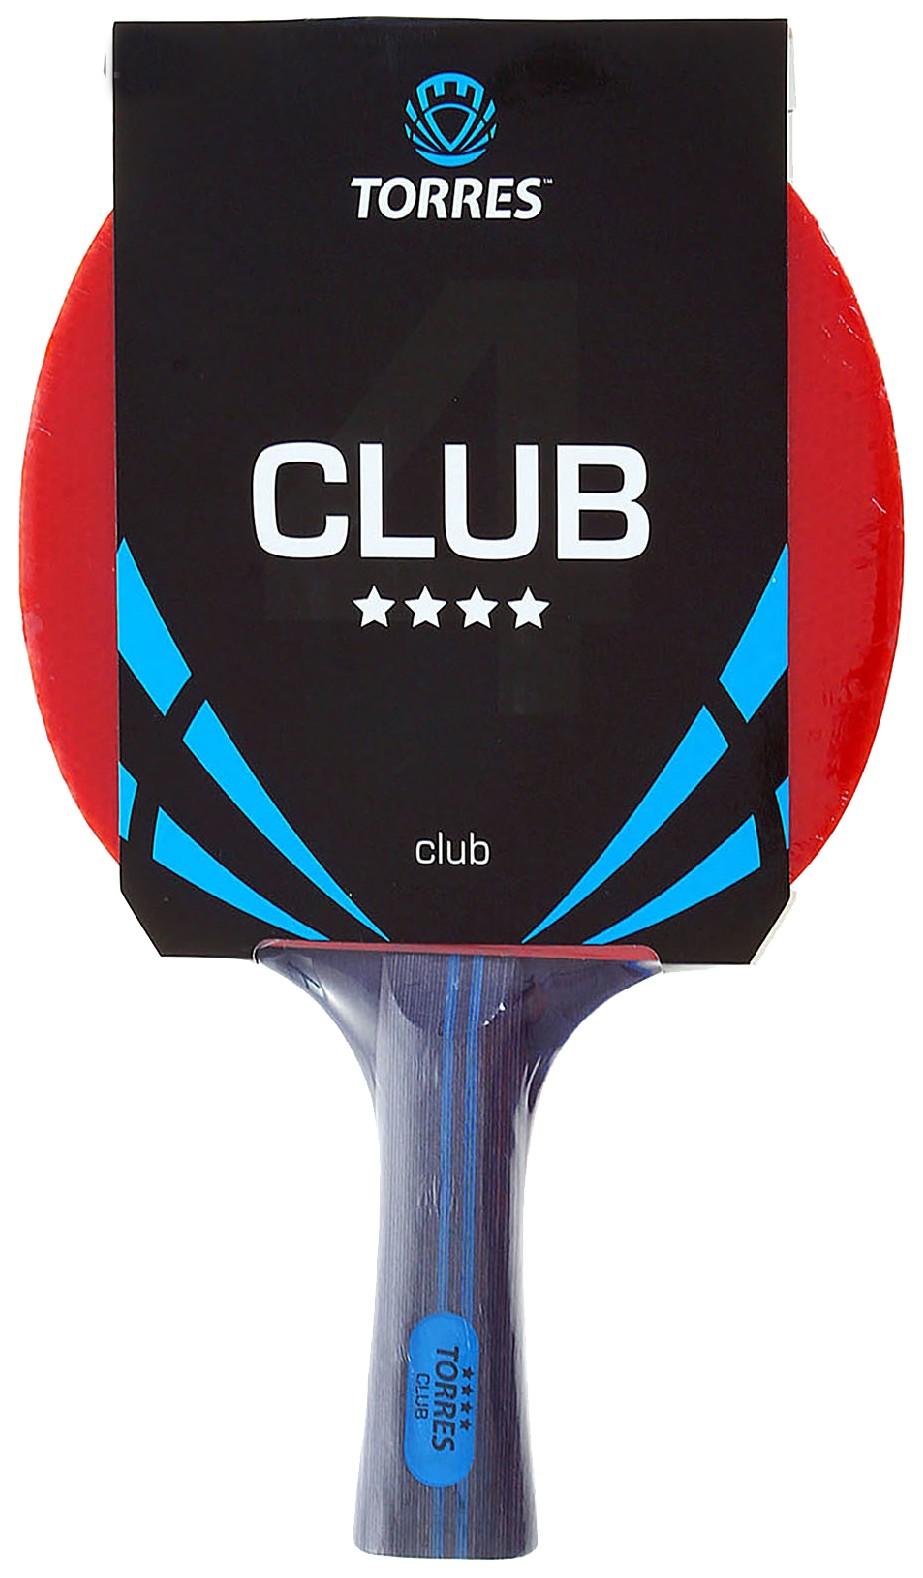 Ракетка для настольного тенниса Torres Club - 4 фото